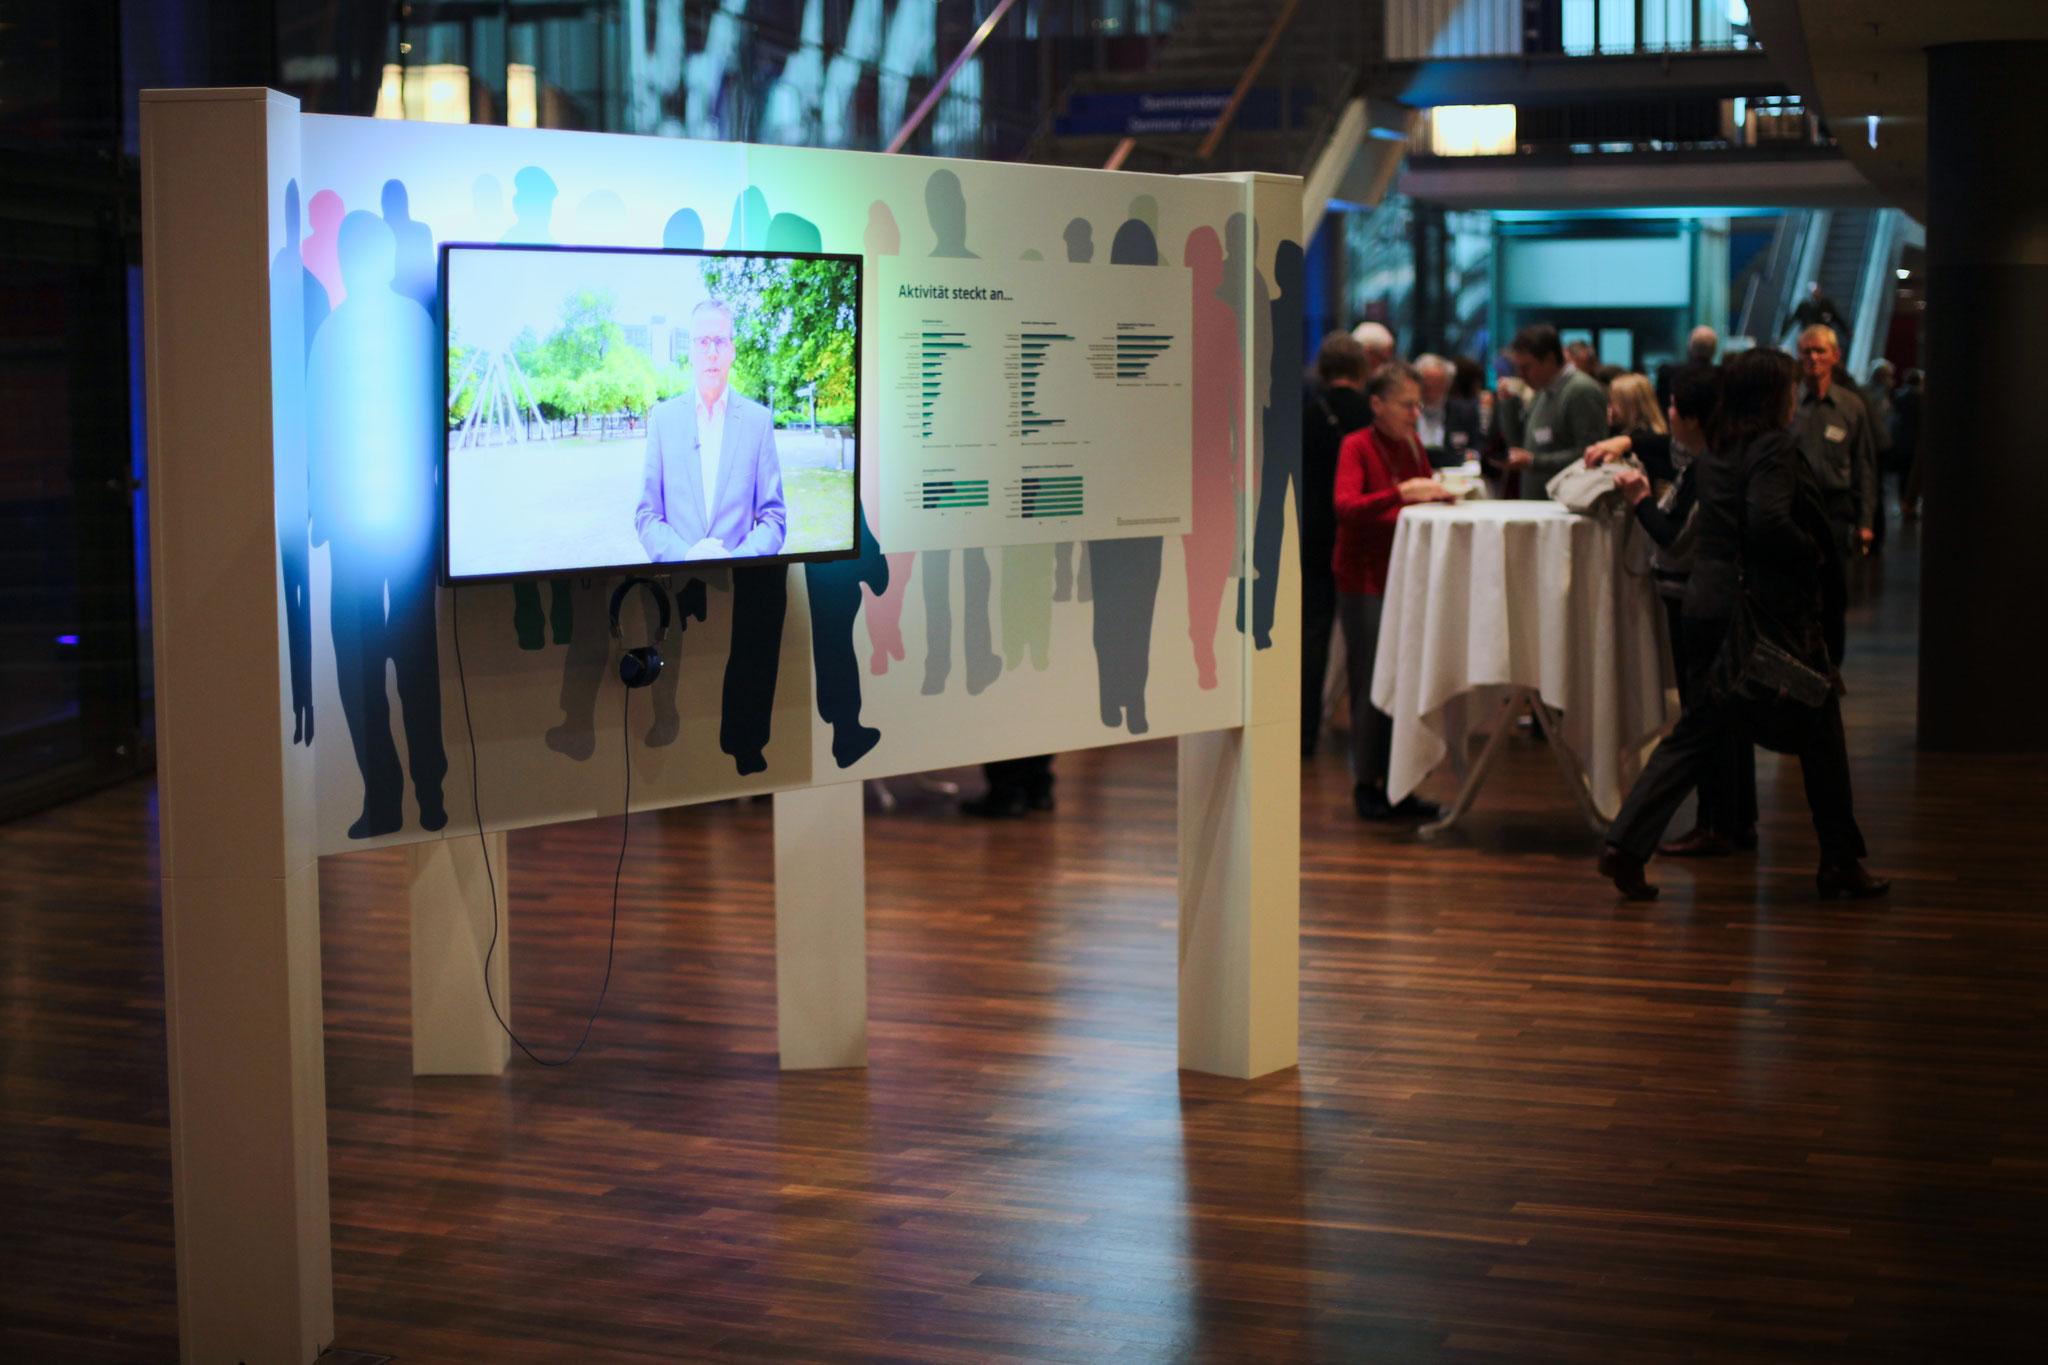 begehbares verspiegeltes und interaktives Kaleidoskop